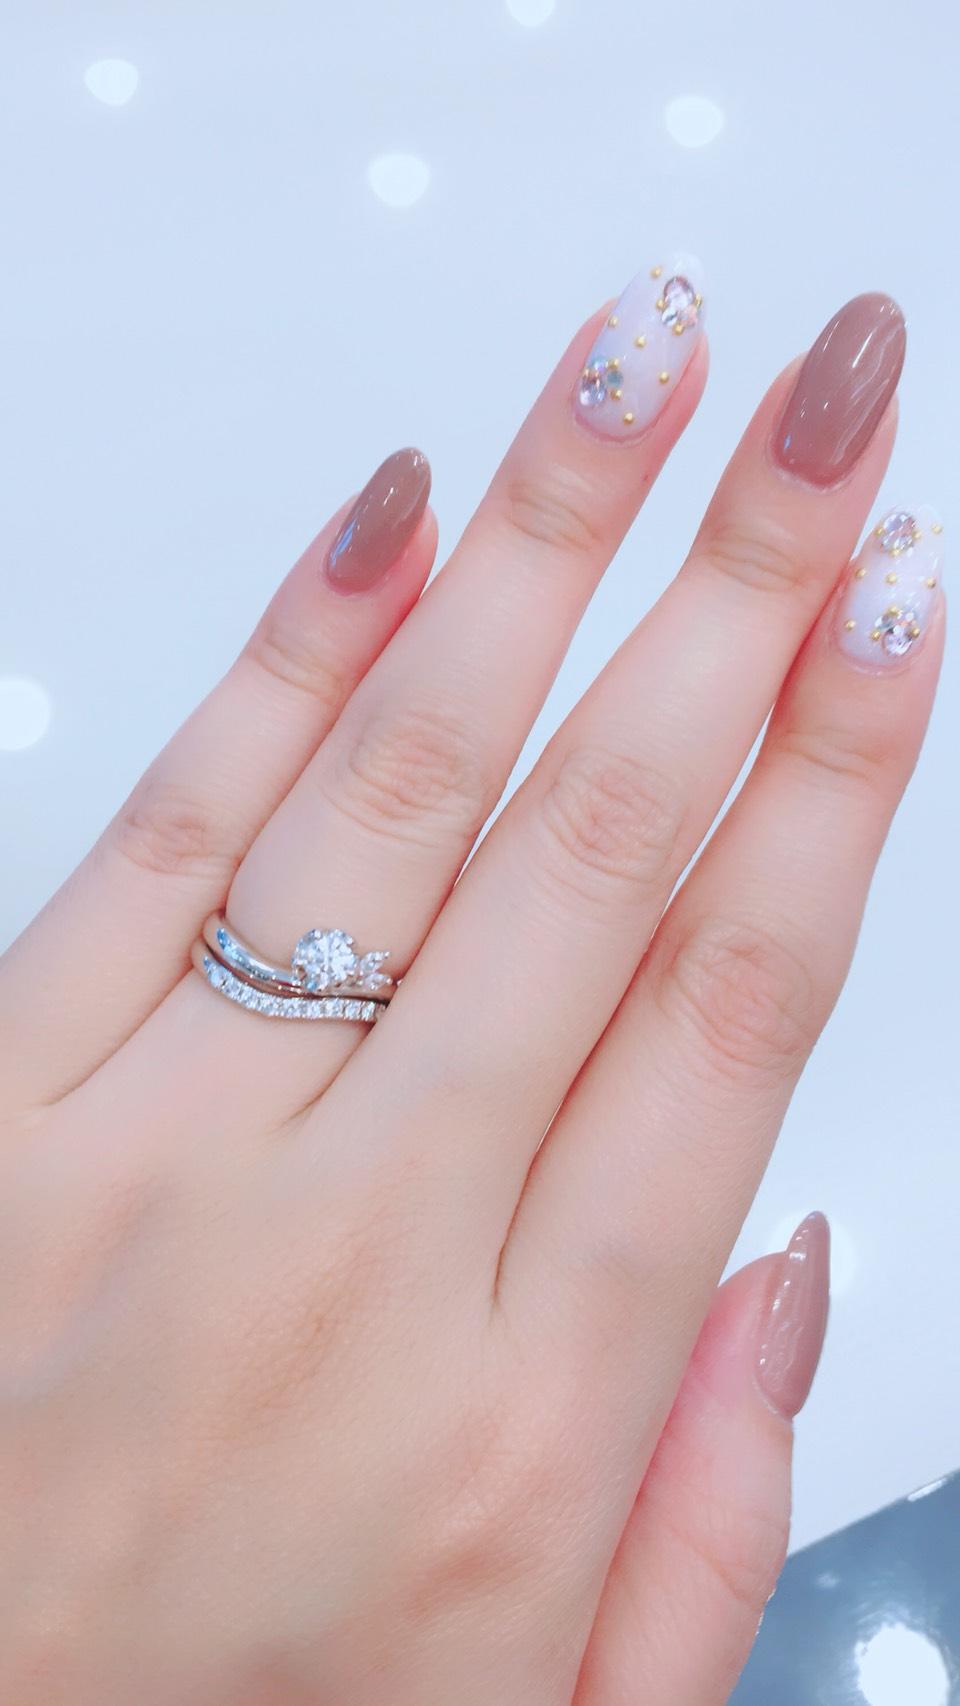 流れるようなダイヤモンドラインに咲く雪椿が美しい重ね付け